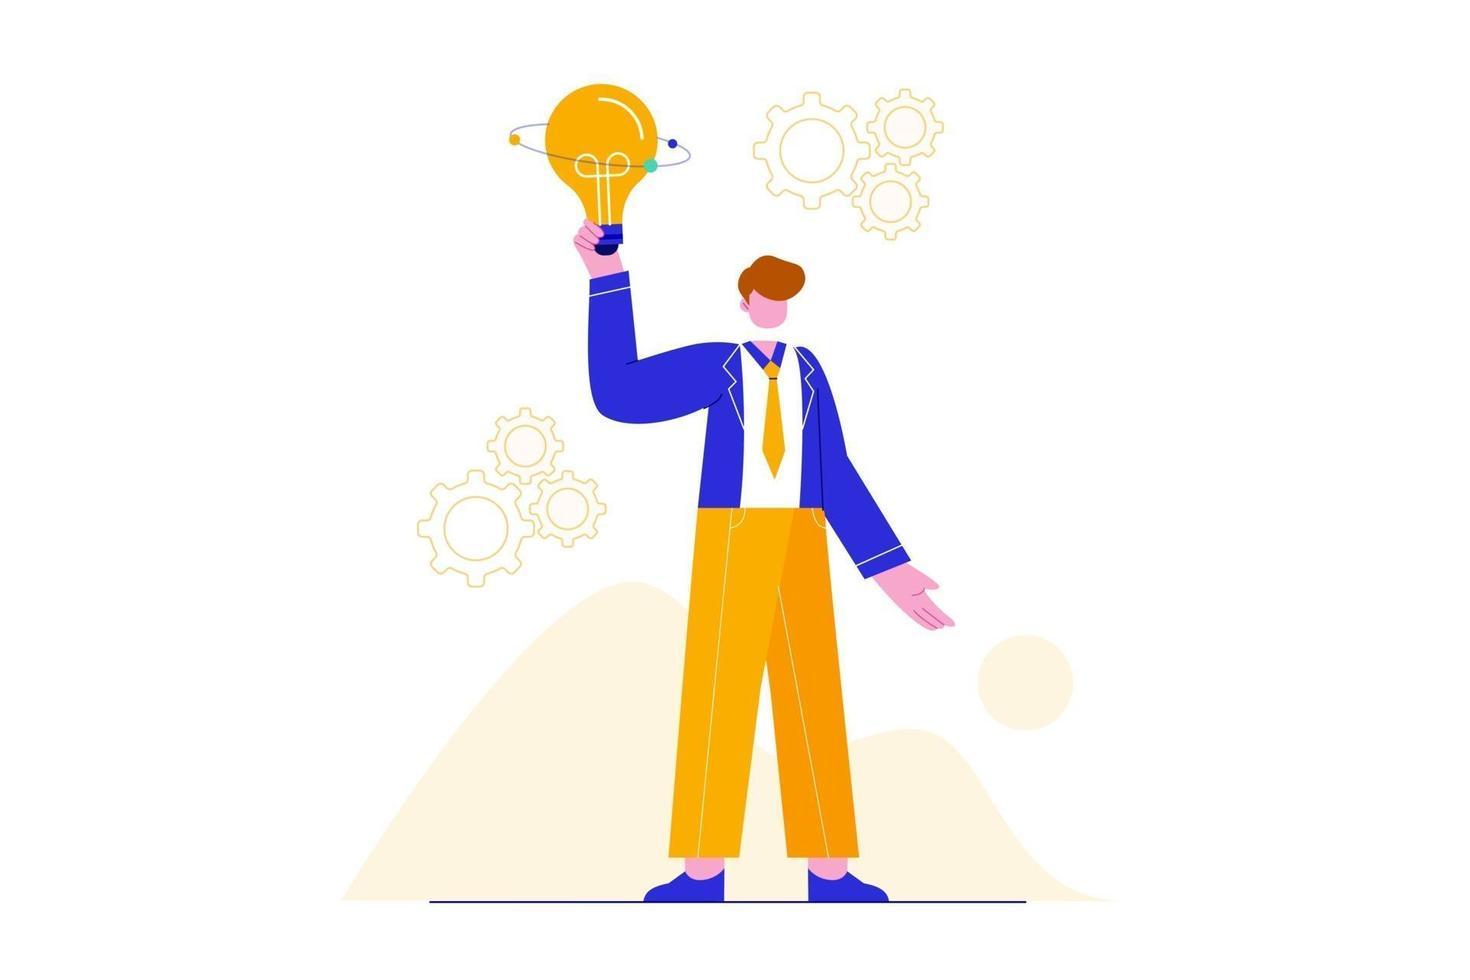 ilustração do conceito de inspiração de ideia. implementação de brainstorming. negócios com inovação e criatividade. vetor